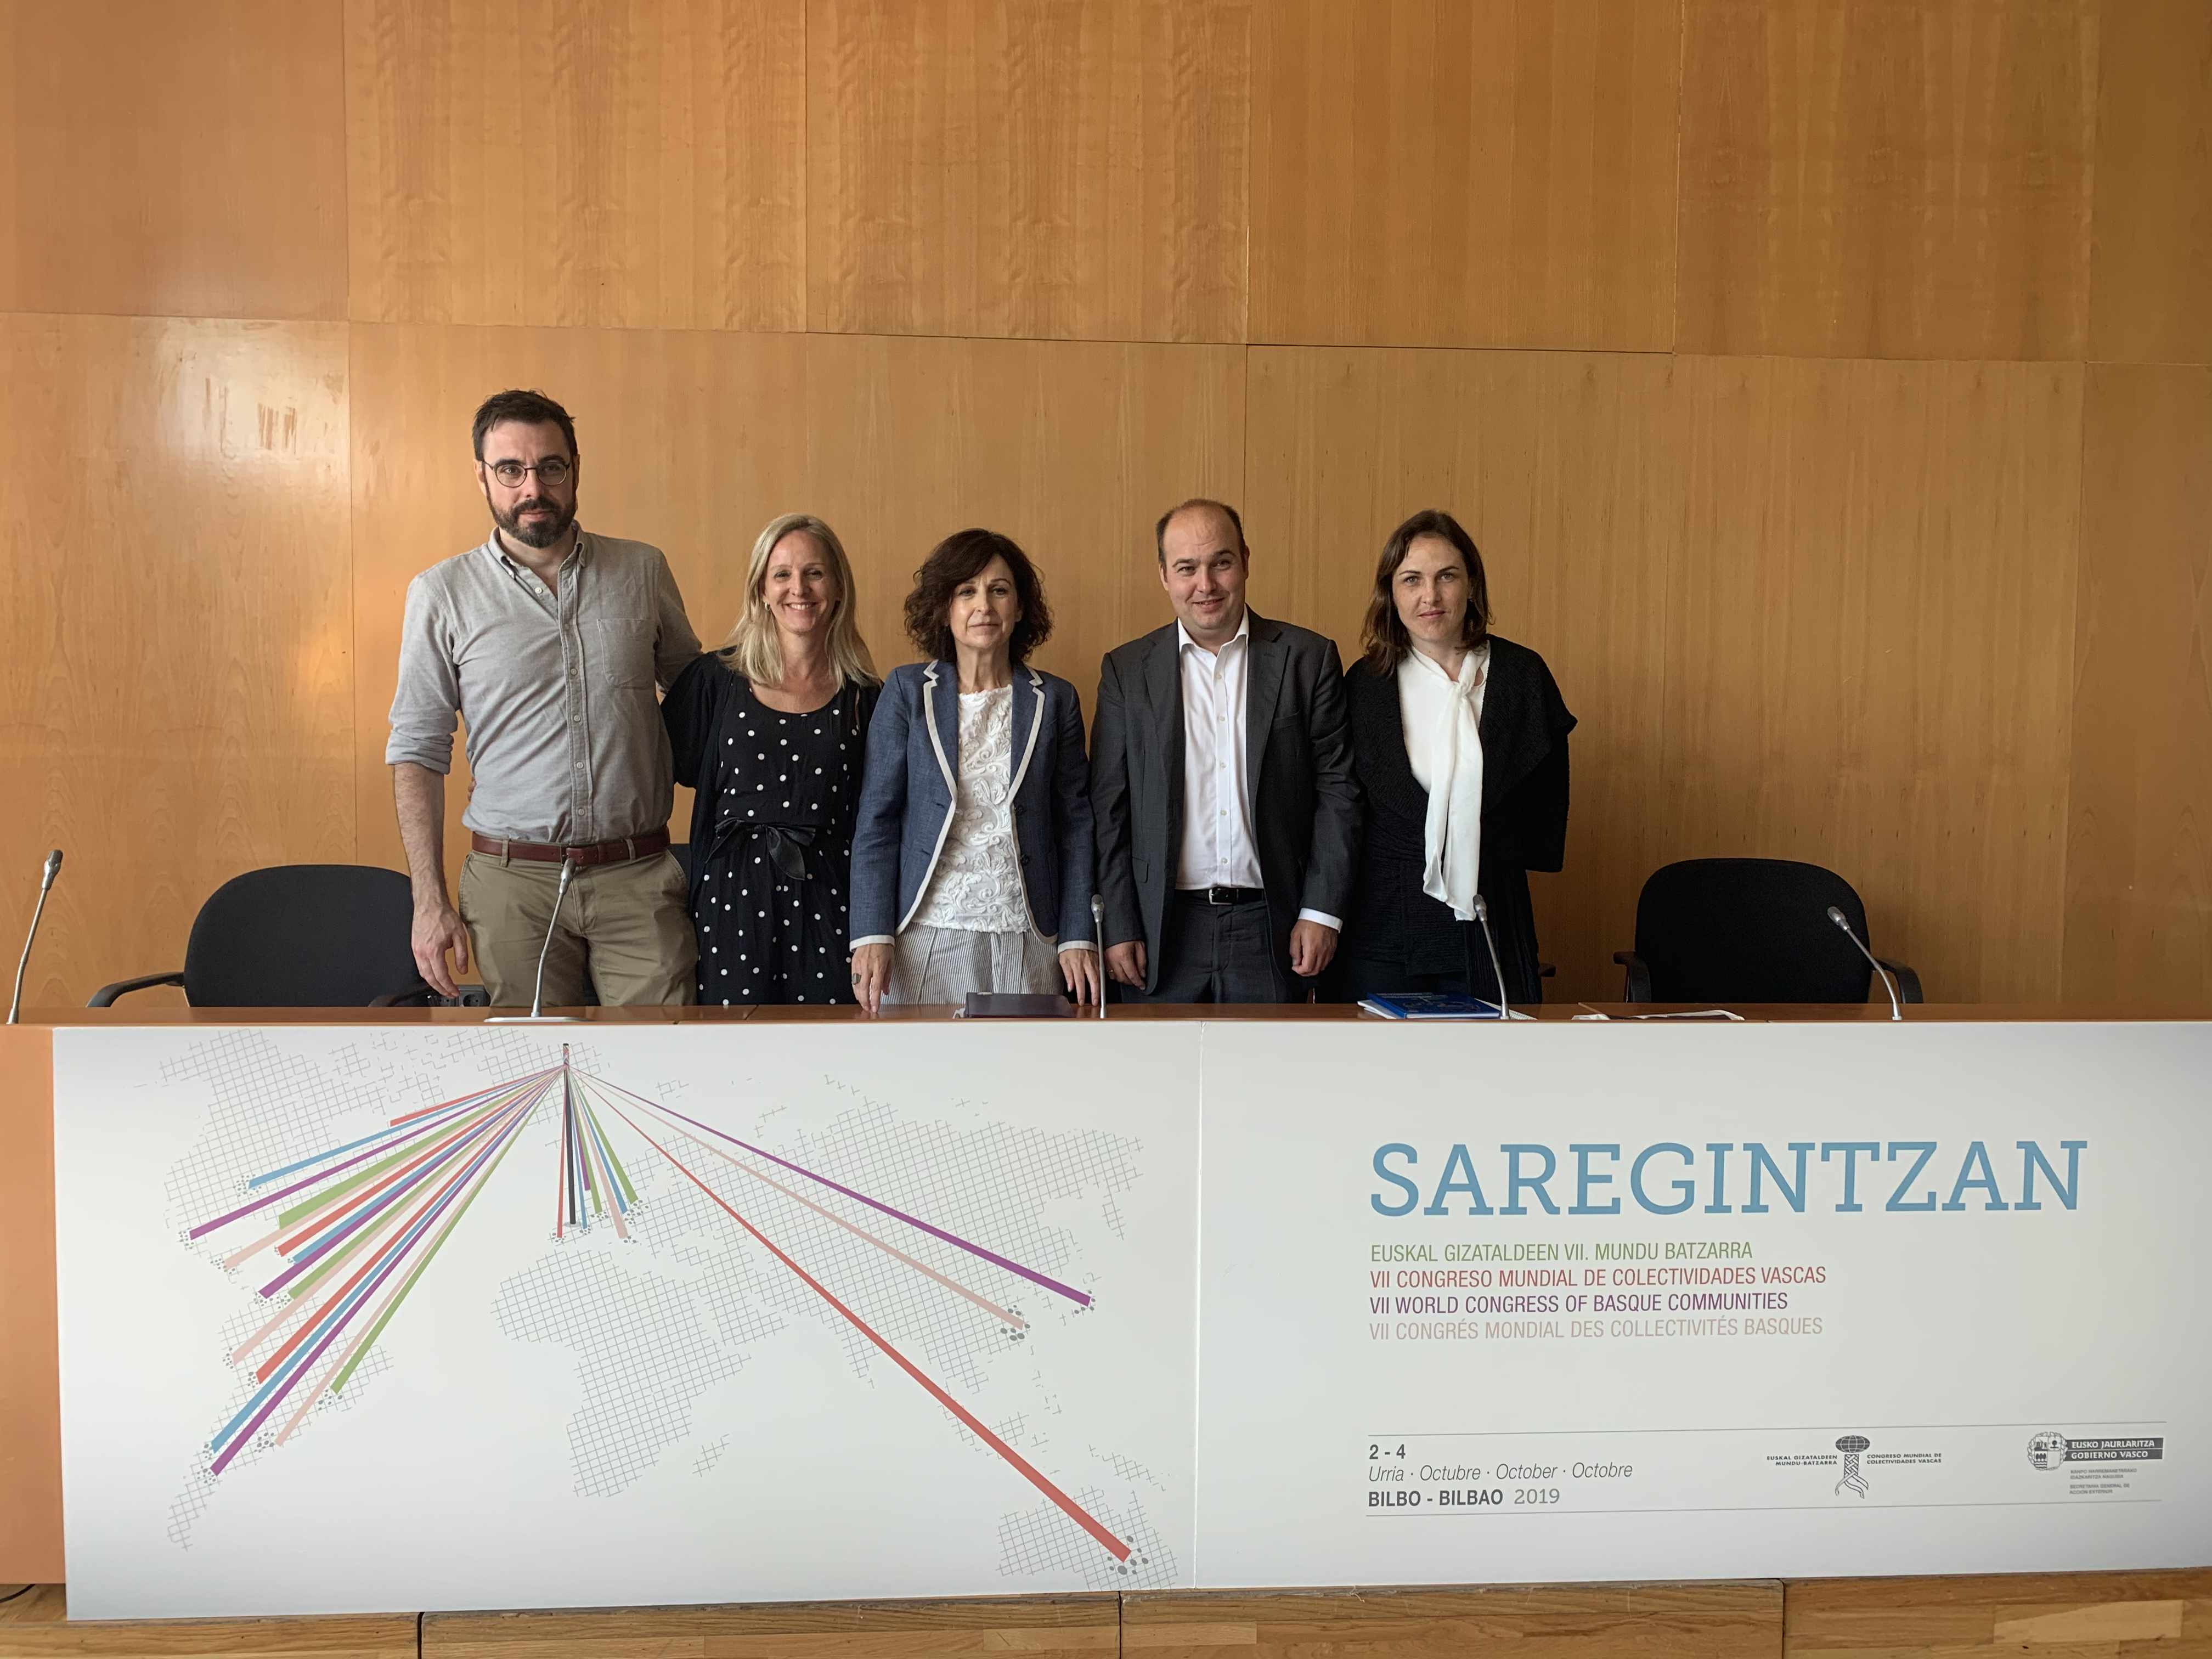 """El VII. Congreso Mundial de Colectividades Vascas en el Exterior se celebrará, entre el 2 y el 4 de octubre, bajo el lema """"SAREGINTZAN"""""""